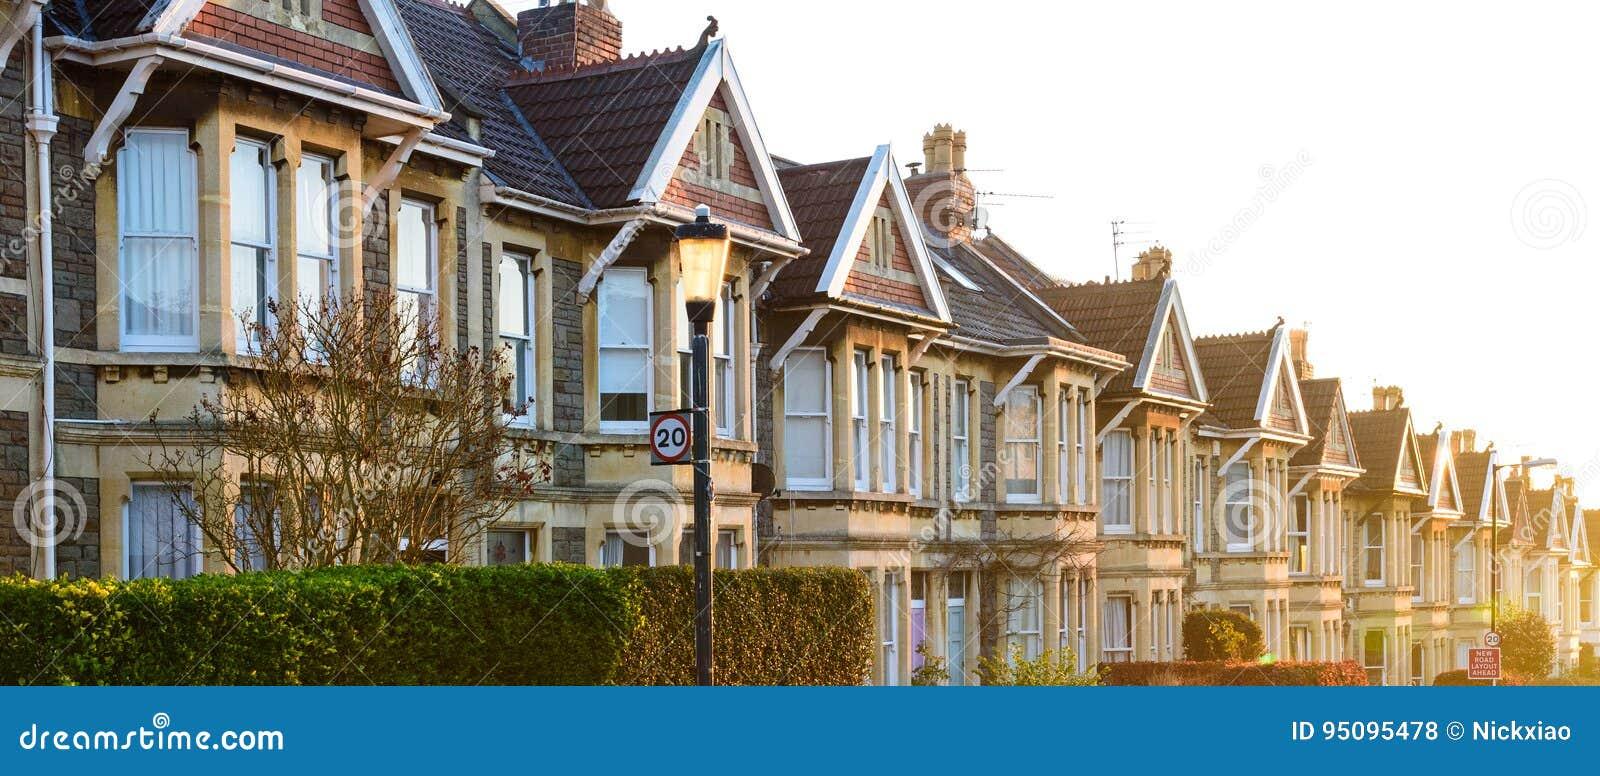 Case a terrazze inglesi tipiche in bristol ad alba for Case inglesi foto